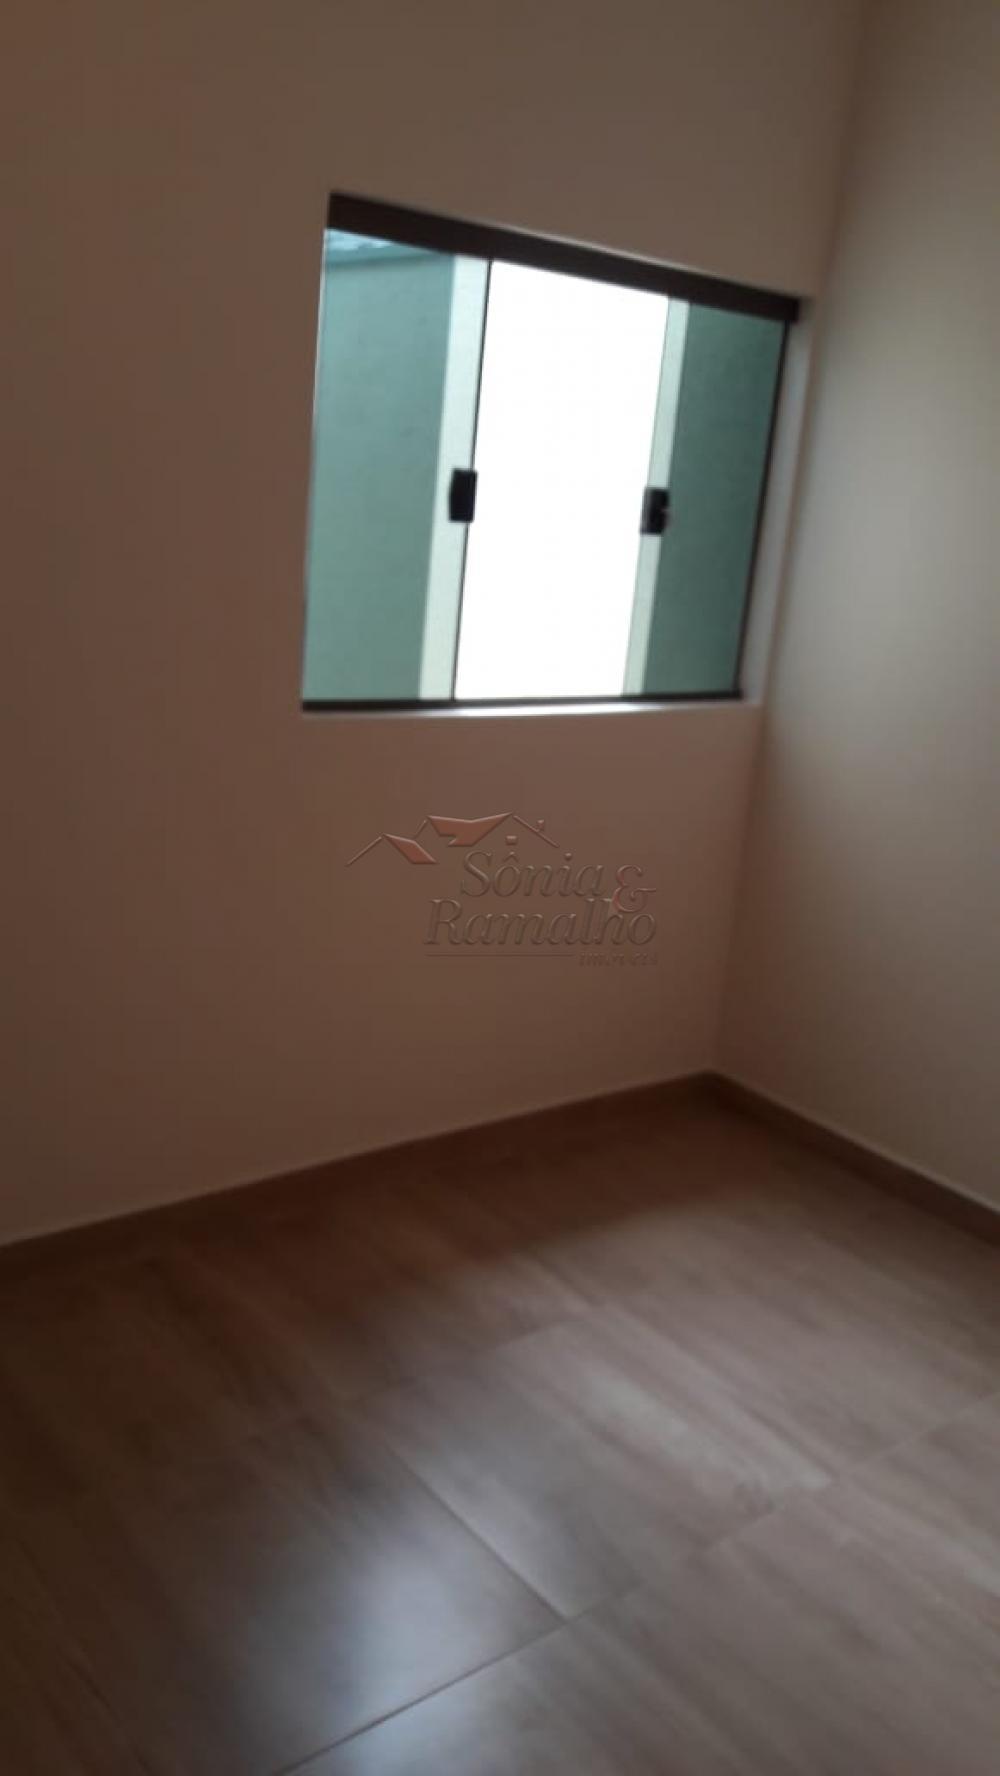 Comprar Casas / Padrão em Ribeirão Preto apenas R$ 290.000,00 - Foto 10